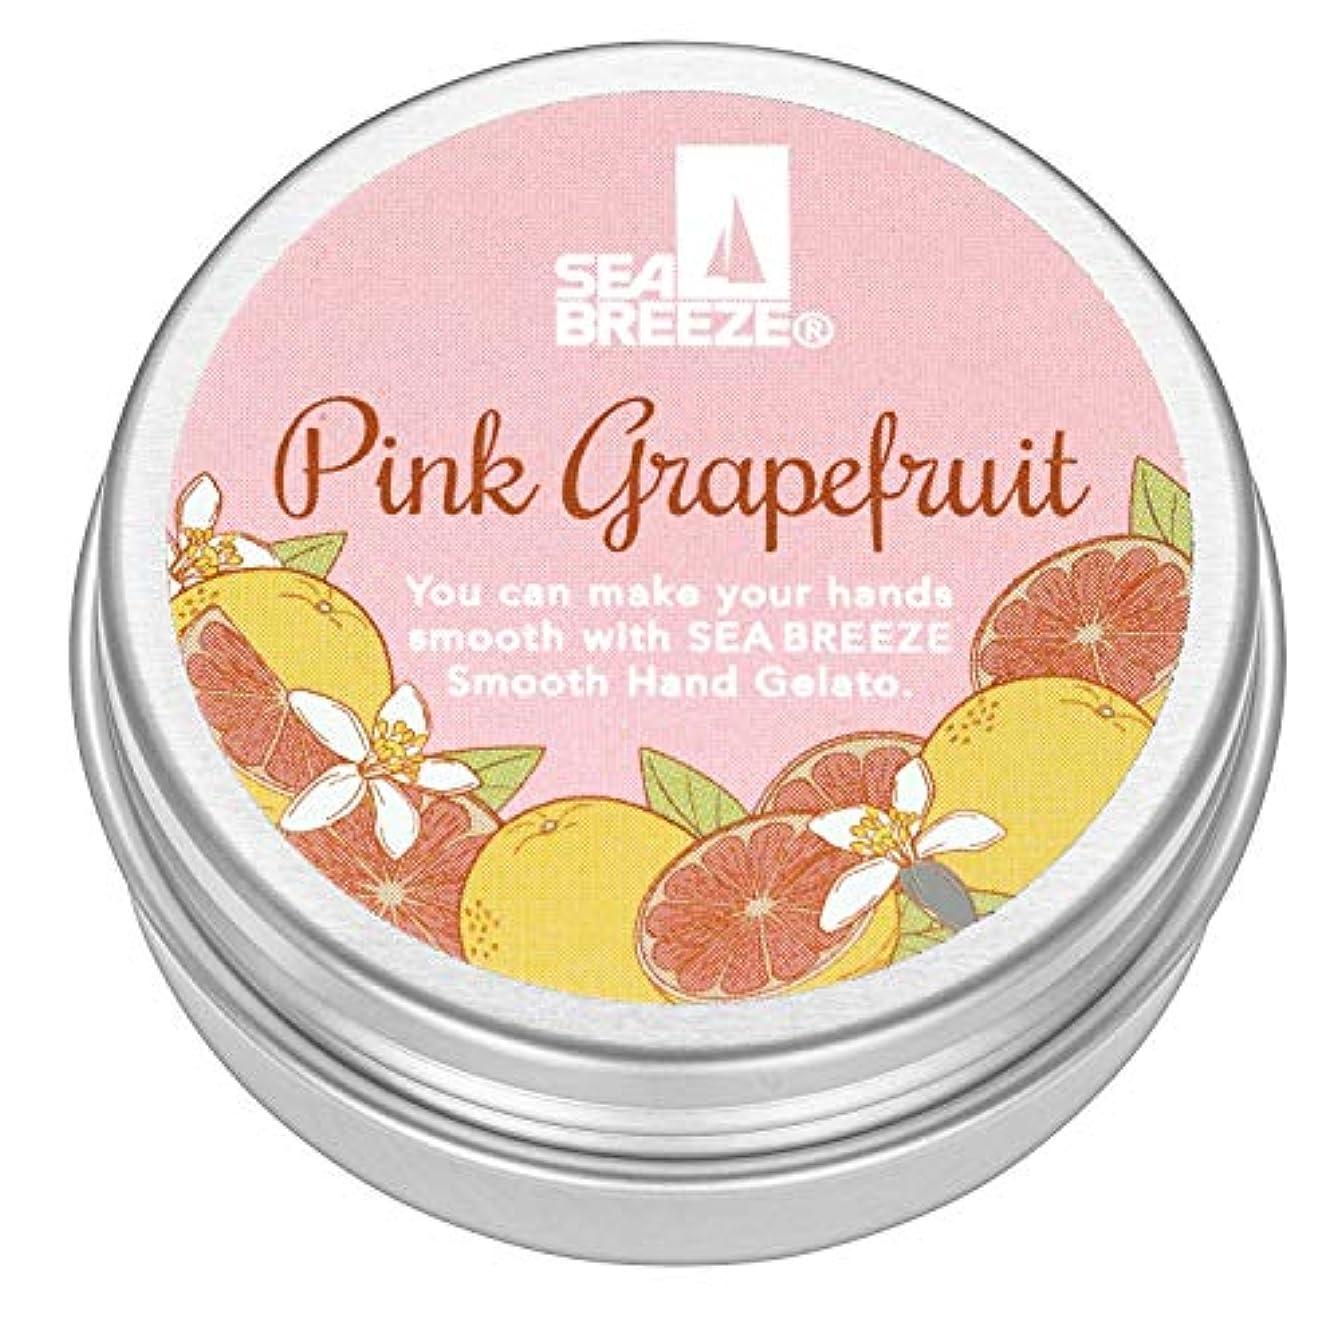 夕方ハンサム潜在的なシーブリーズ スムースハンドジェラート ピンクグレープフルーツ 18g